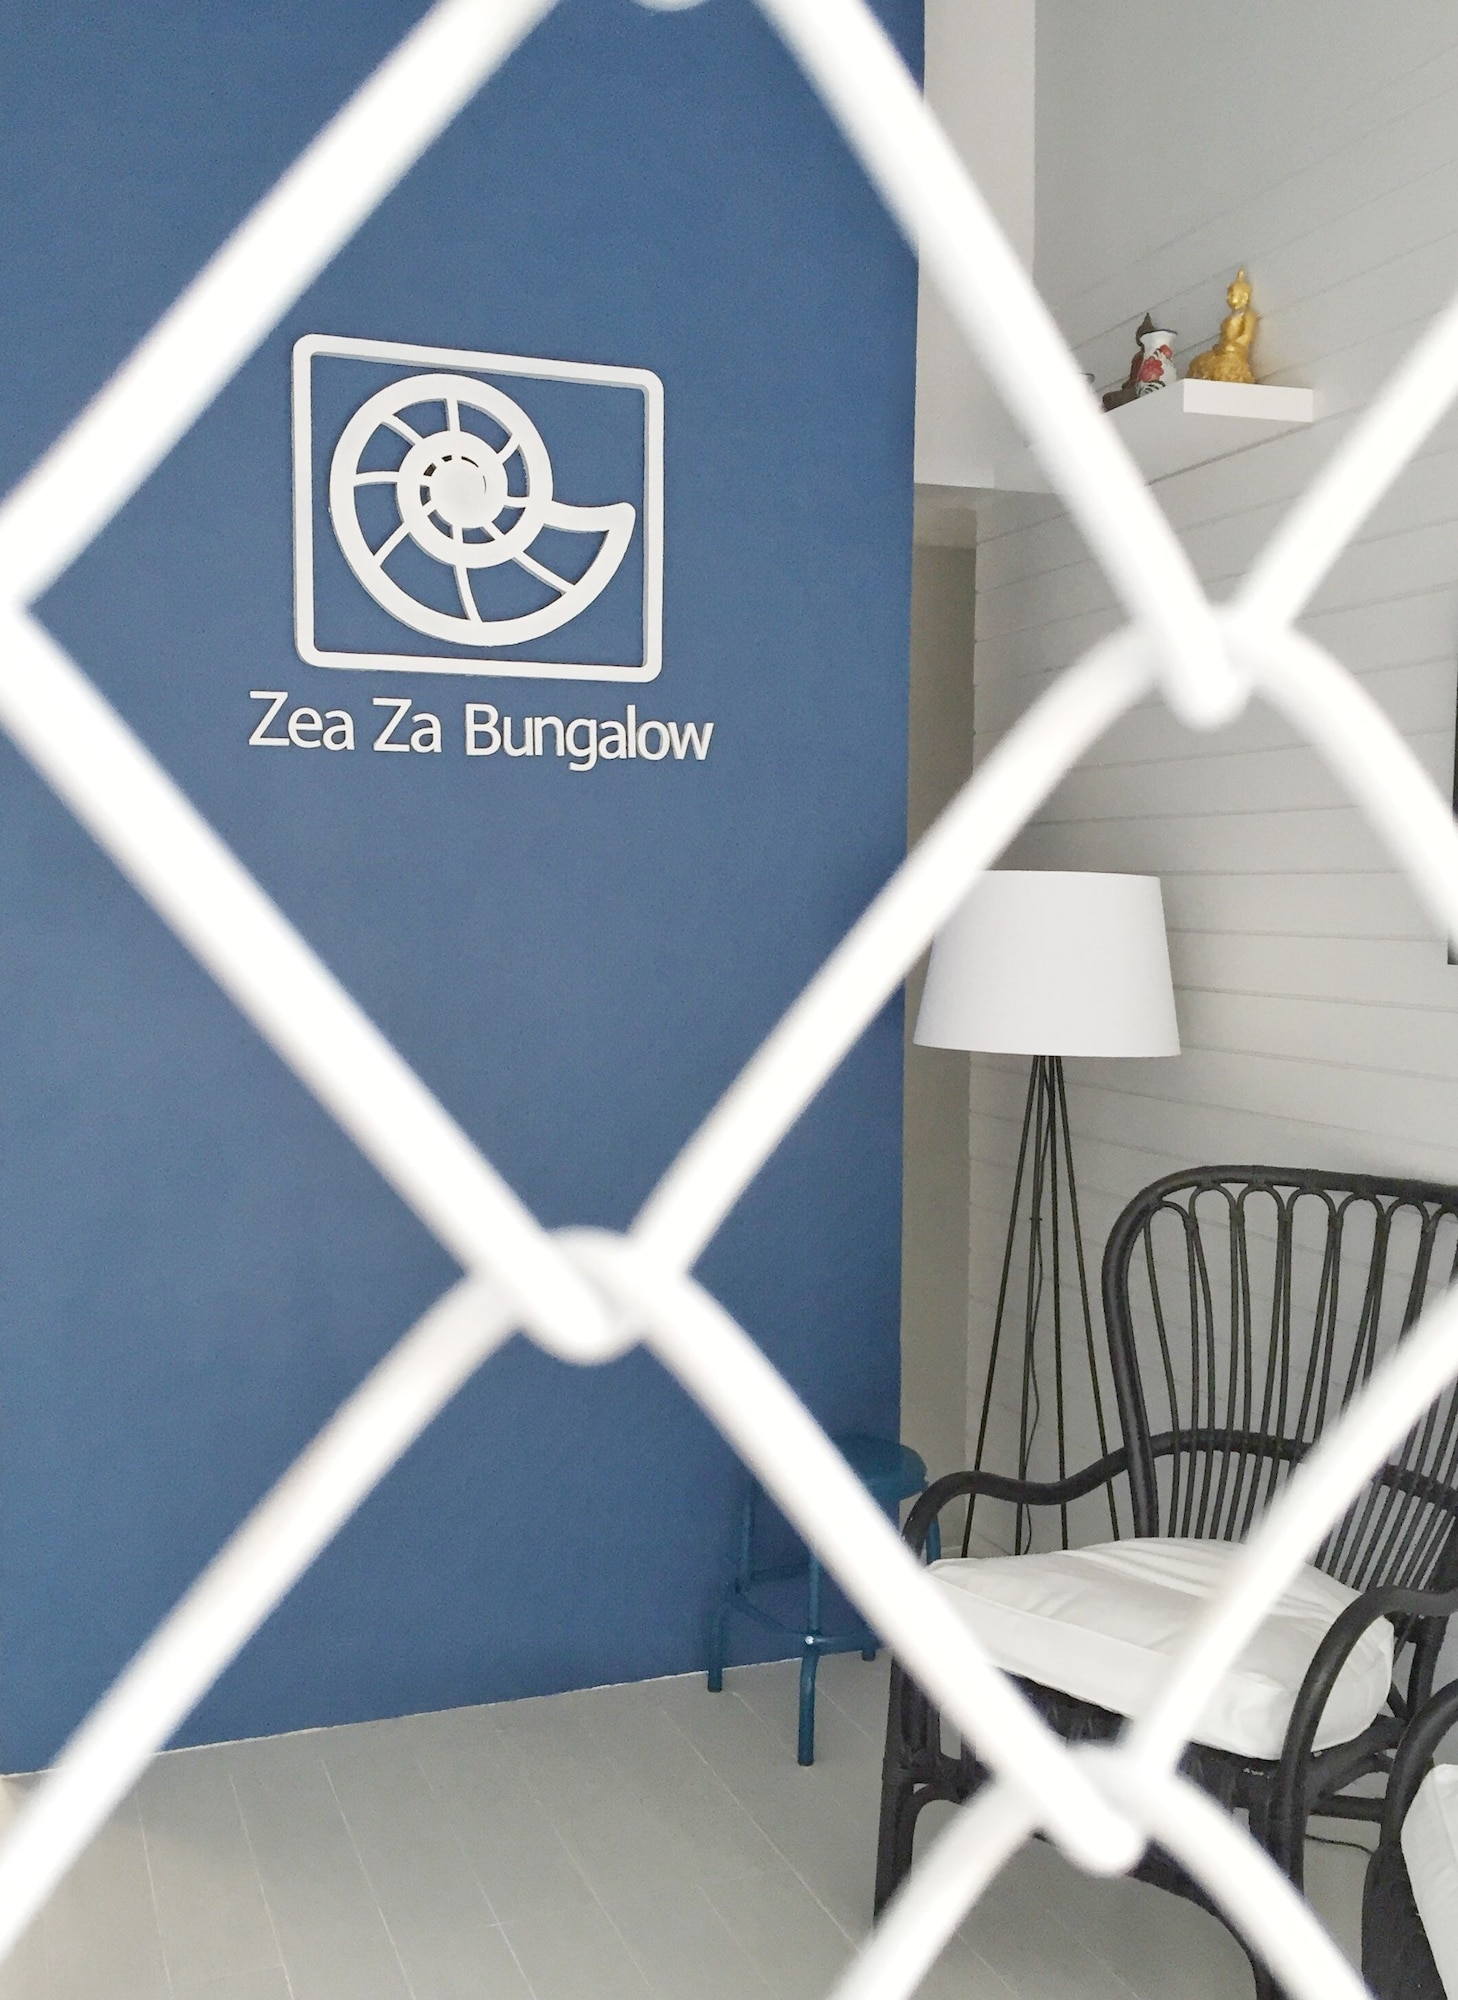 Zea Za Bungalow, Hua Hin